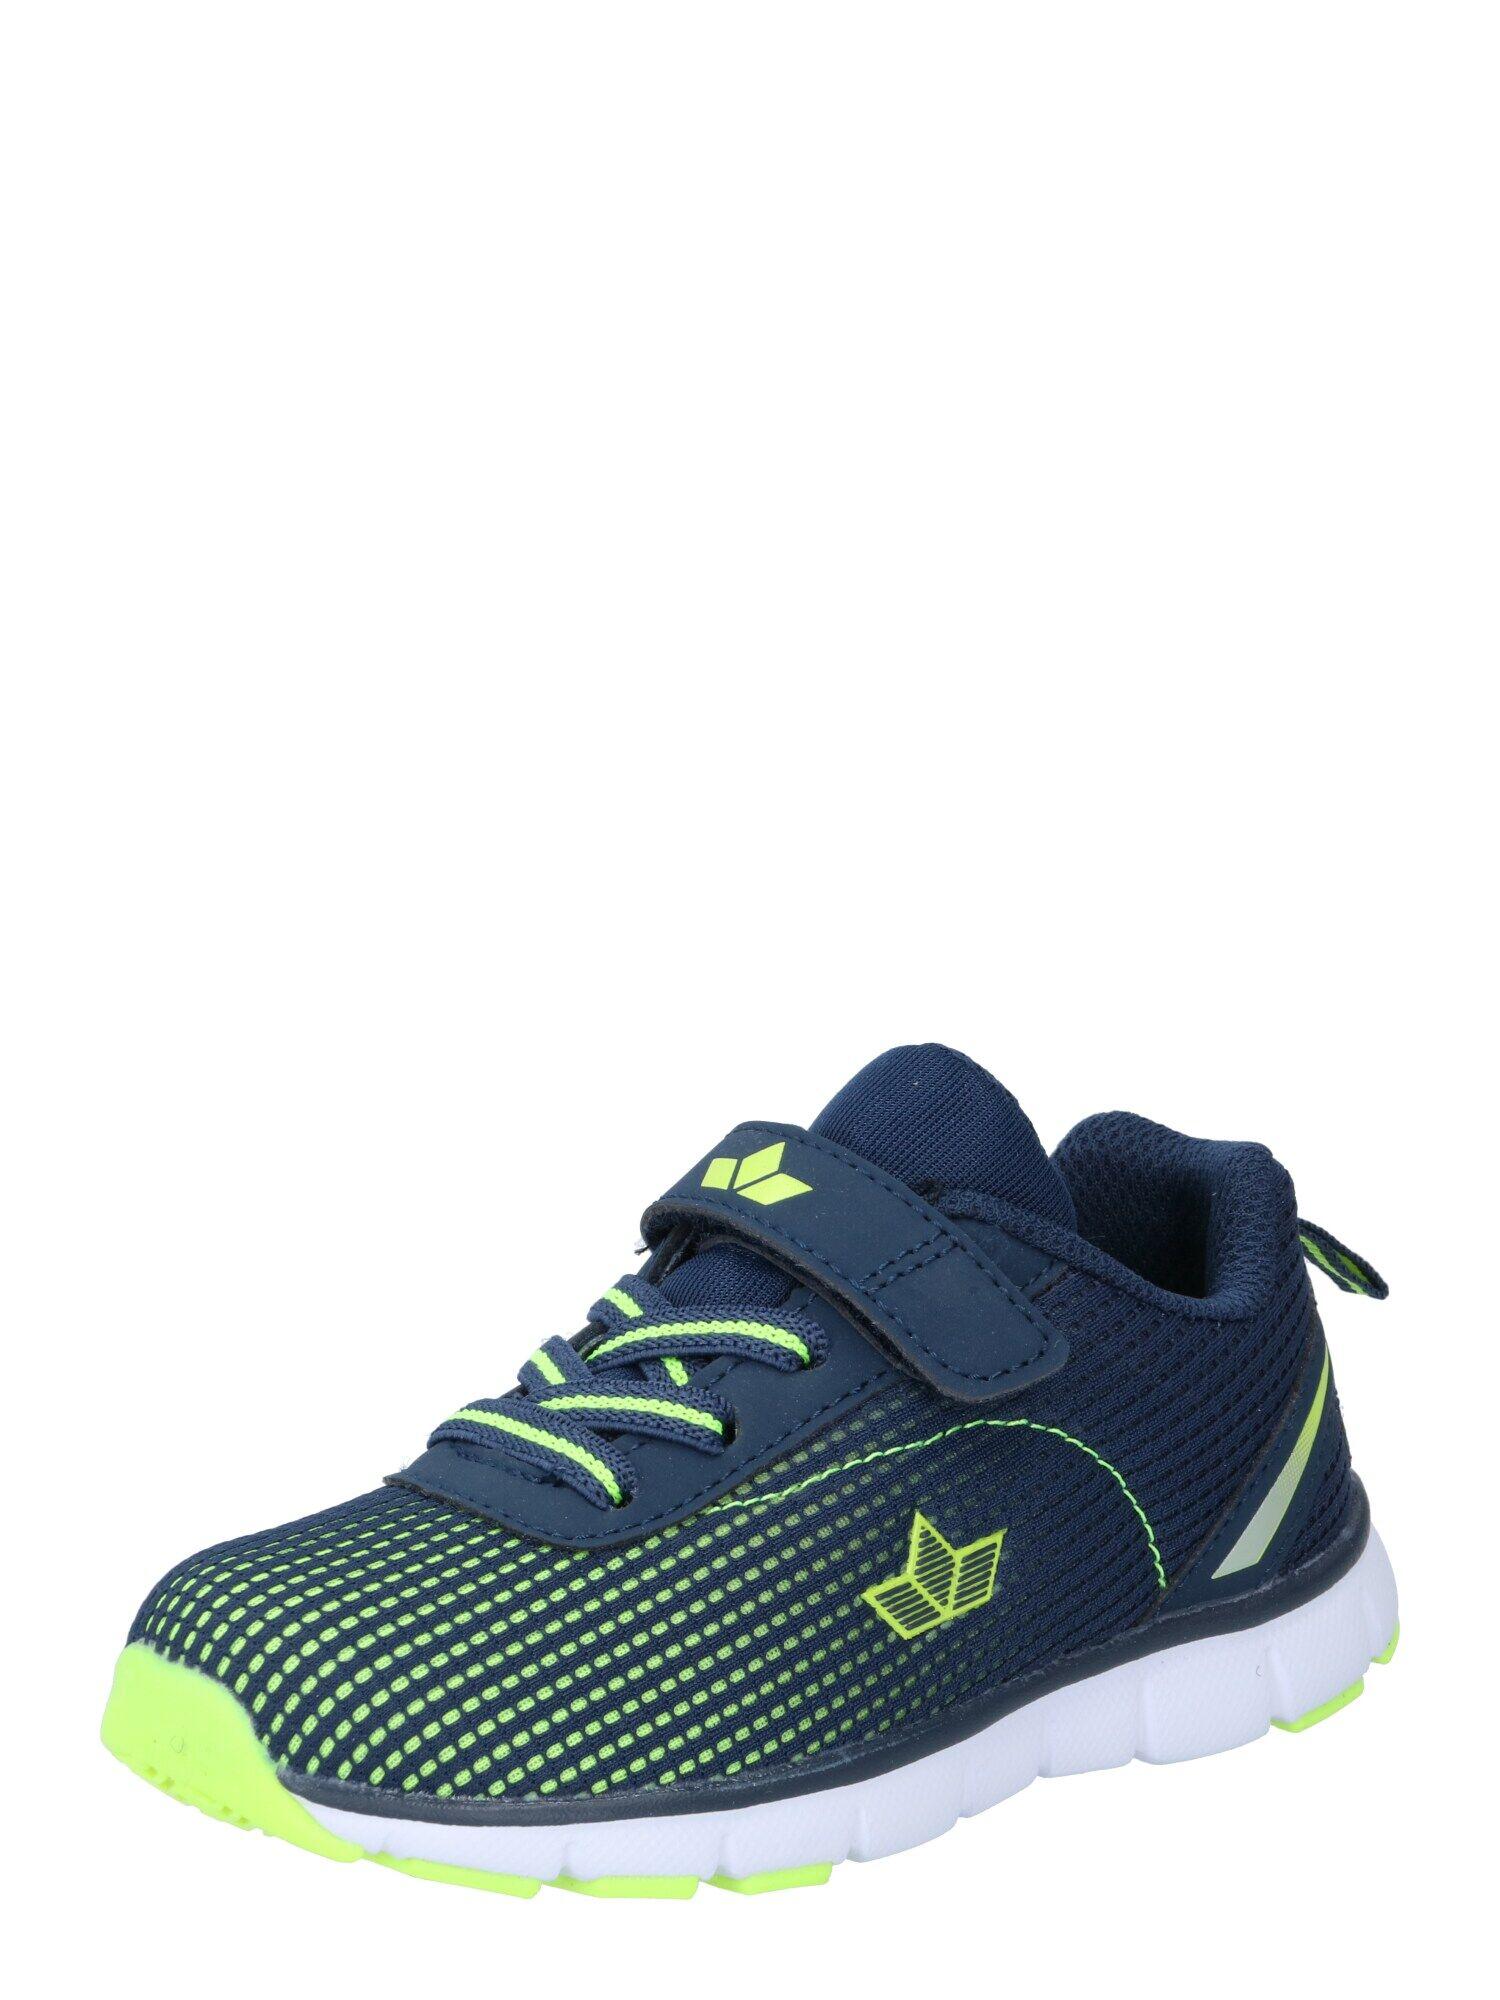 LICO Sneaker 'Flow' Blu, Giallo